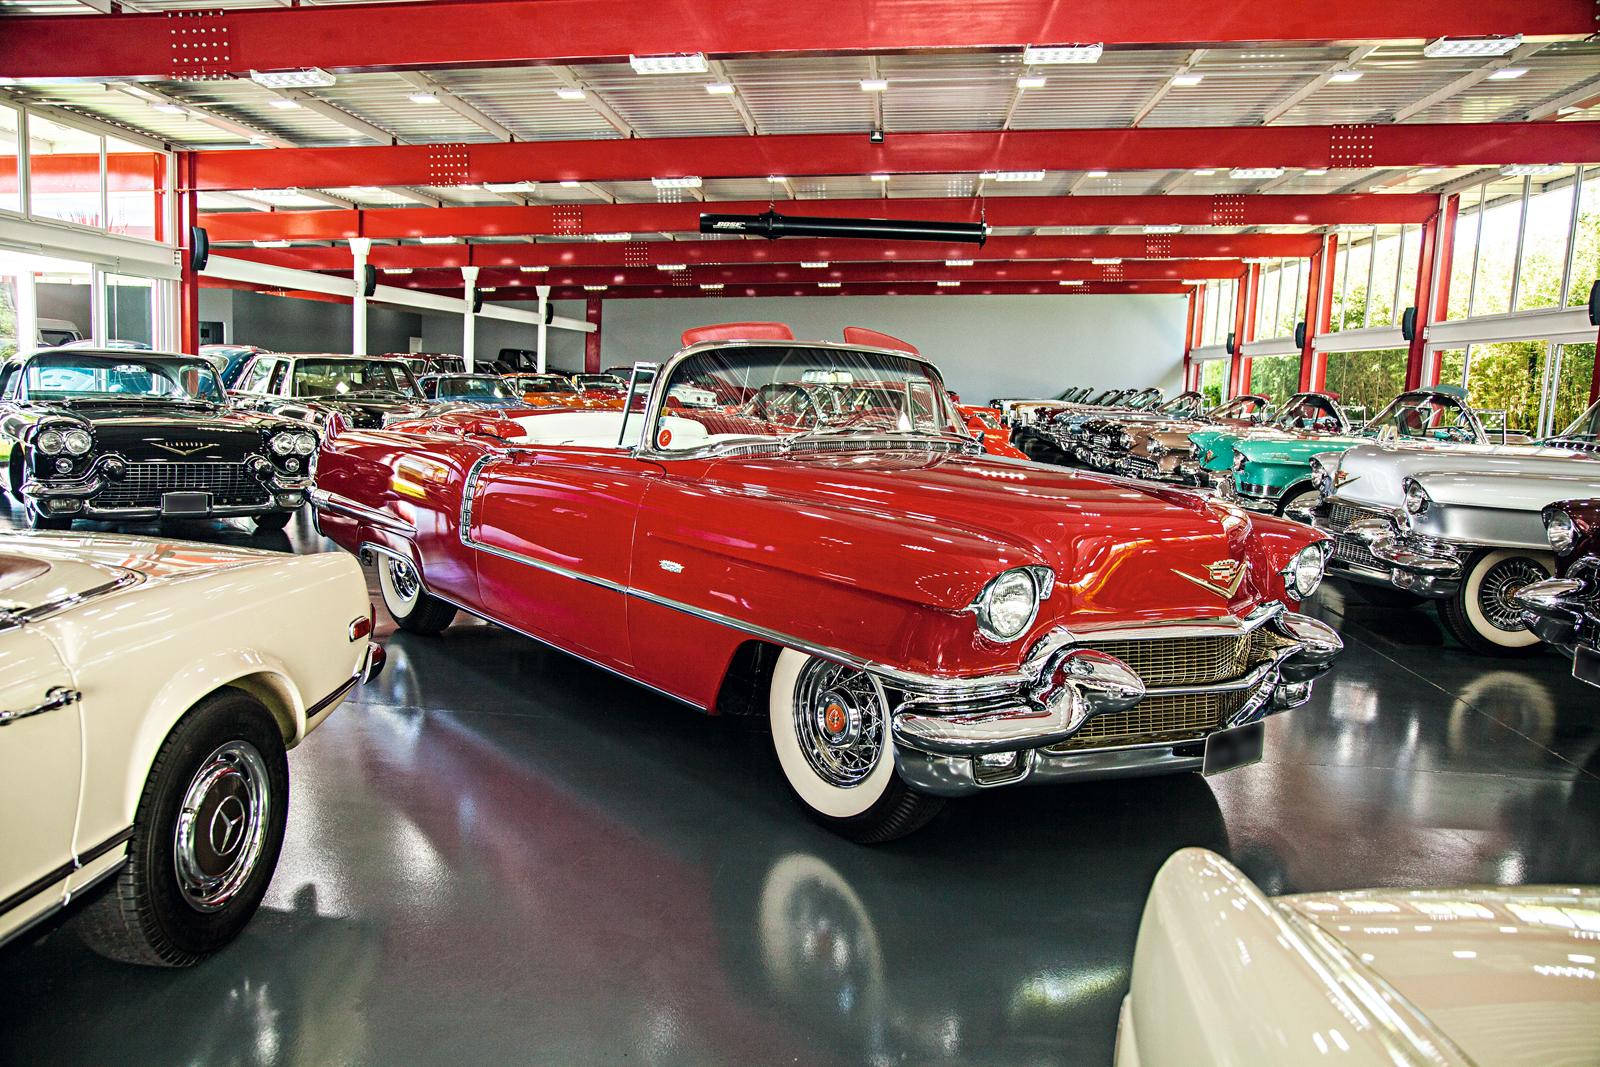 O Cadillac Eldorado 1956 é uma das estrelas da coleção de clássicos